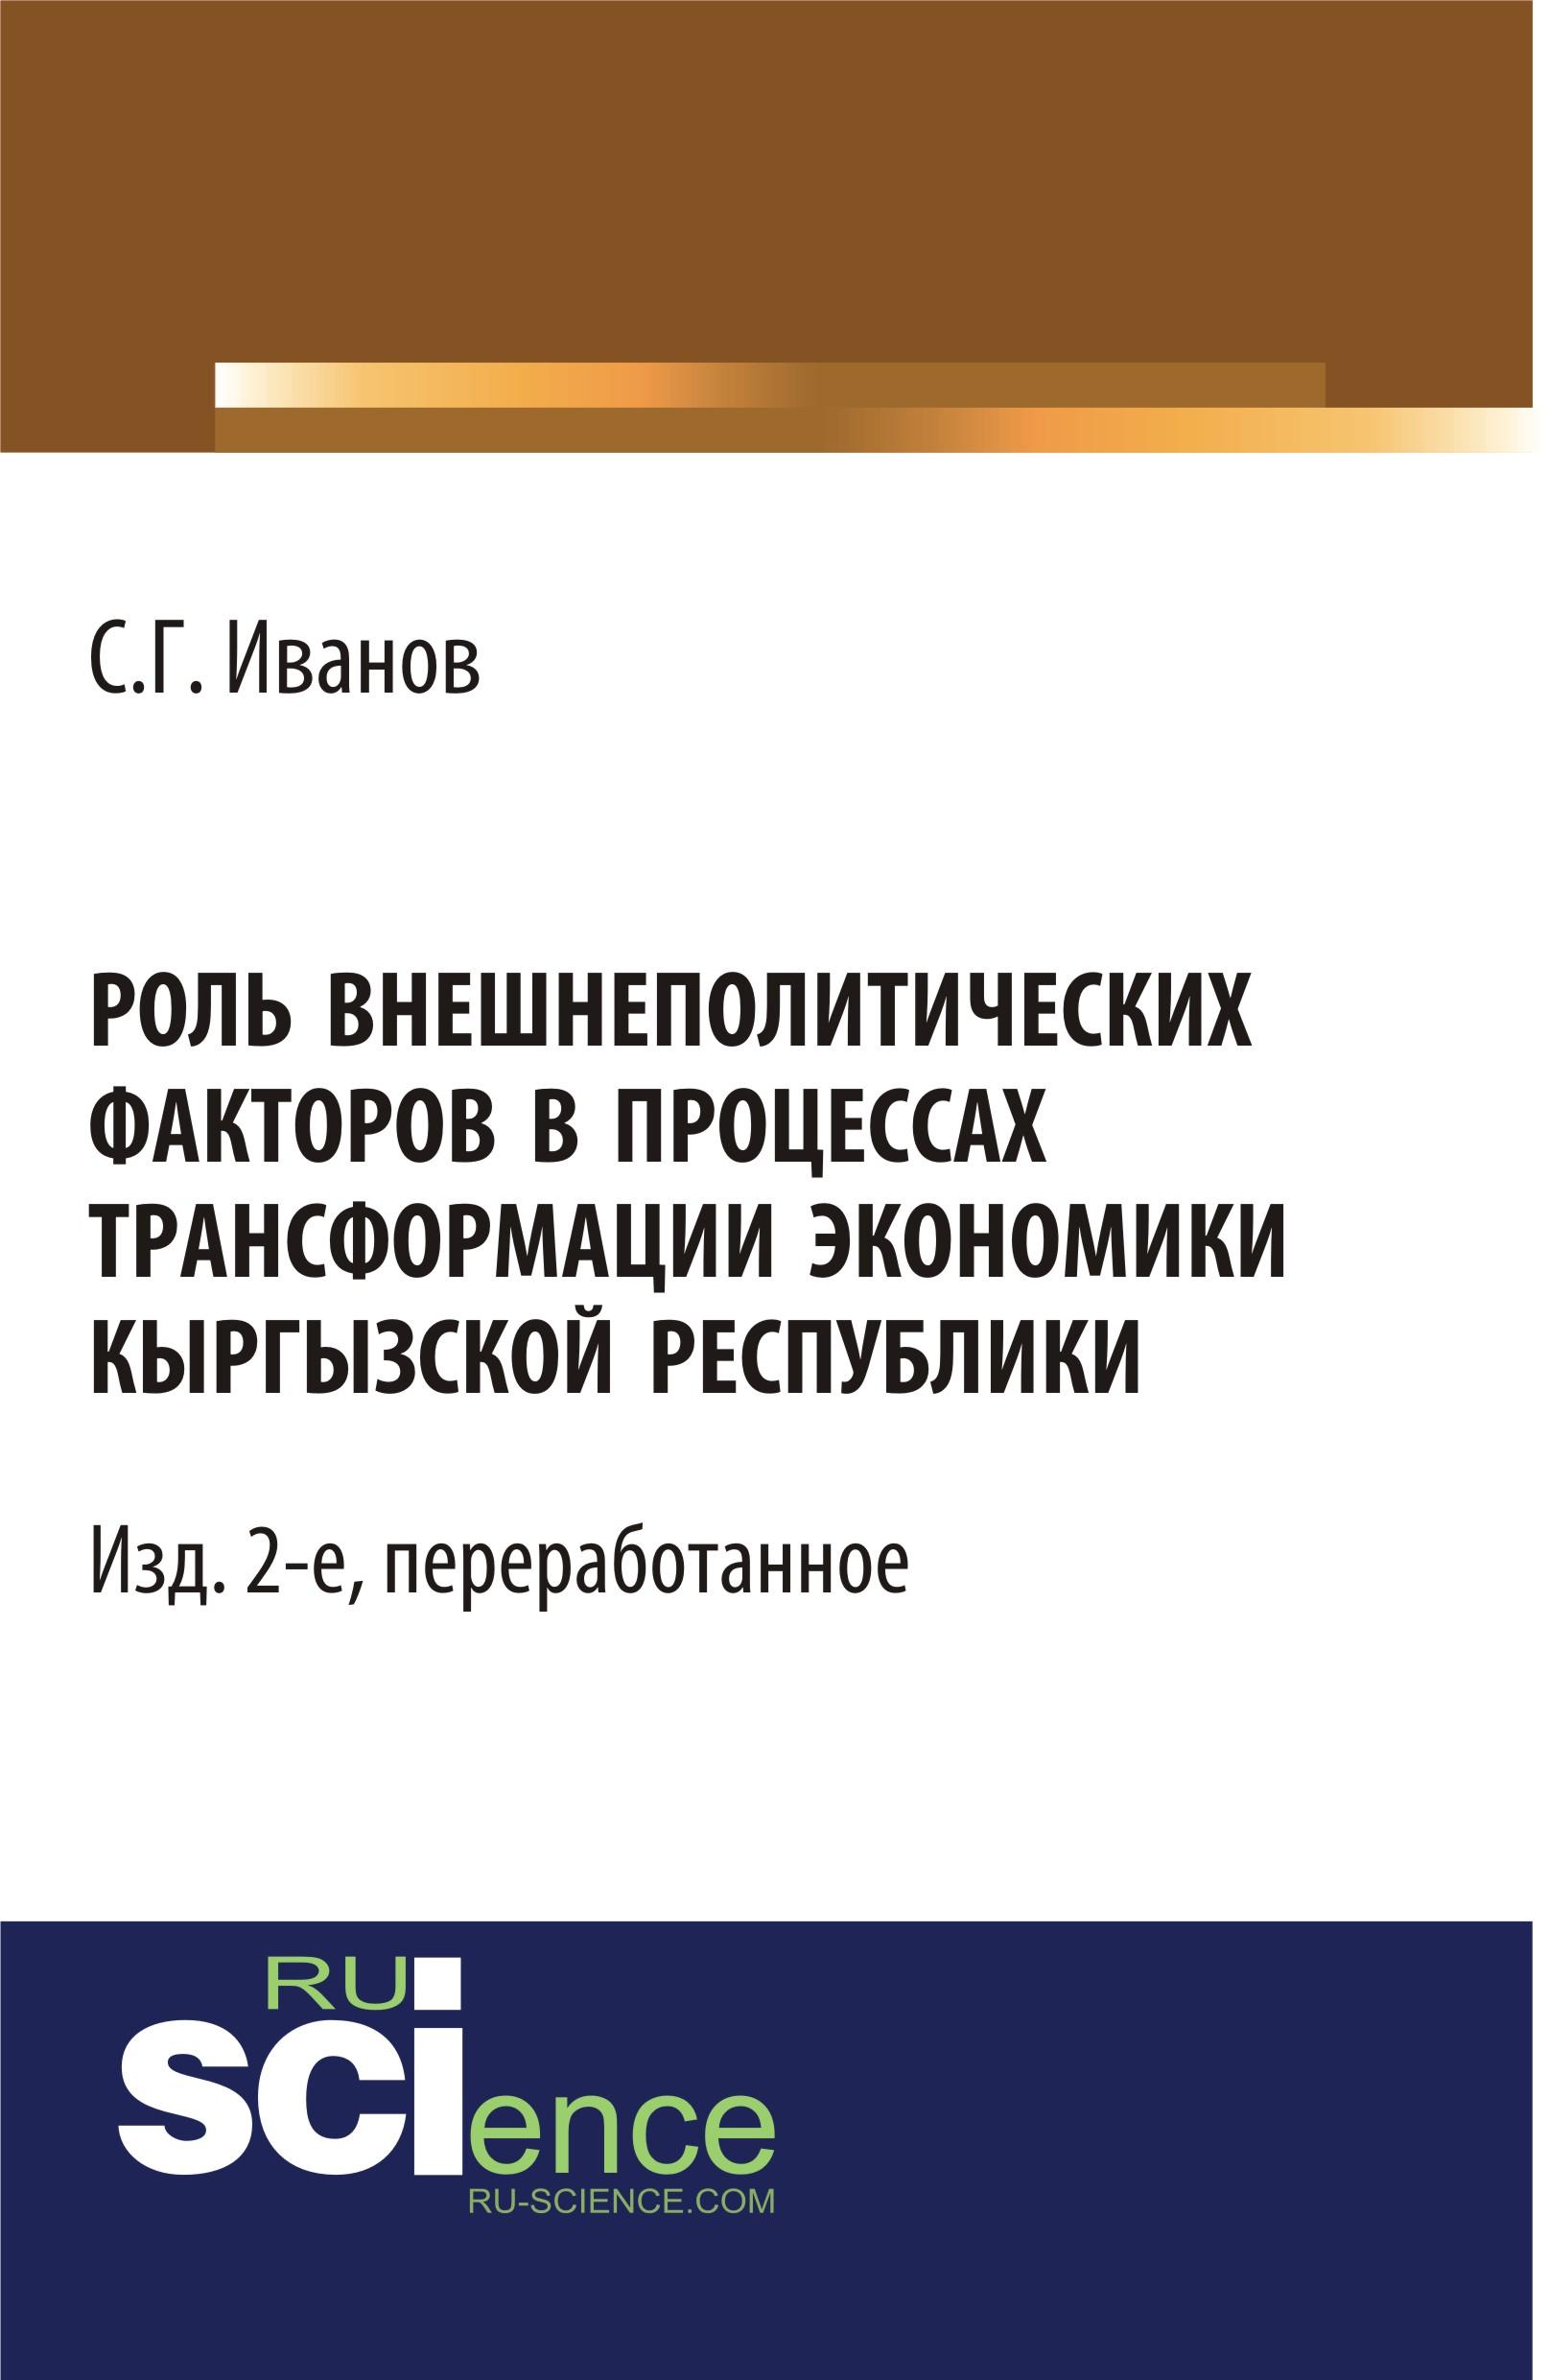 Роль внешнеполитических факторов в процессах трансформации экономики Кыргызской Республики